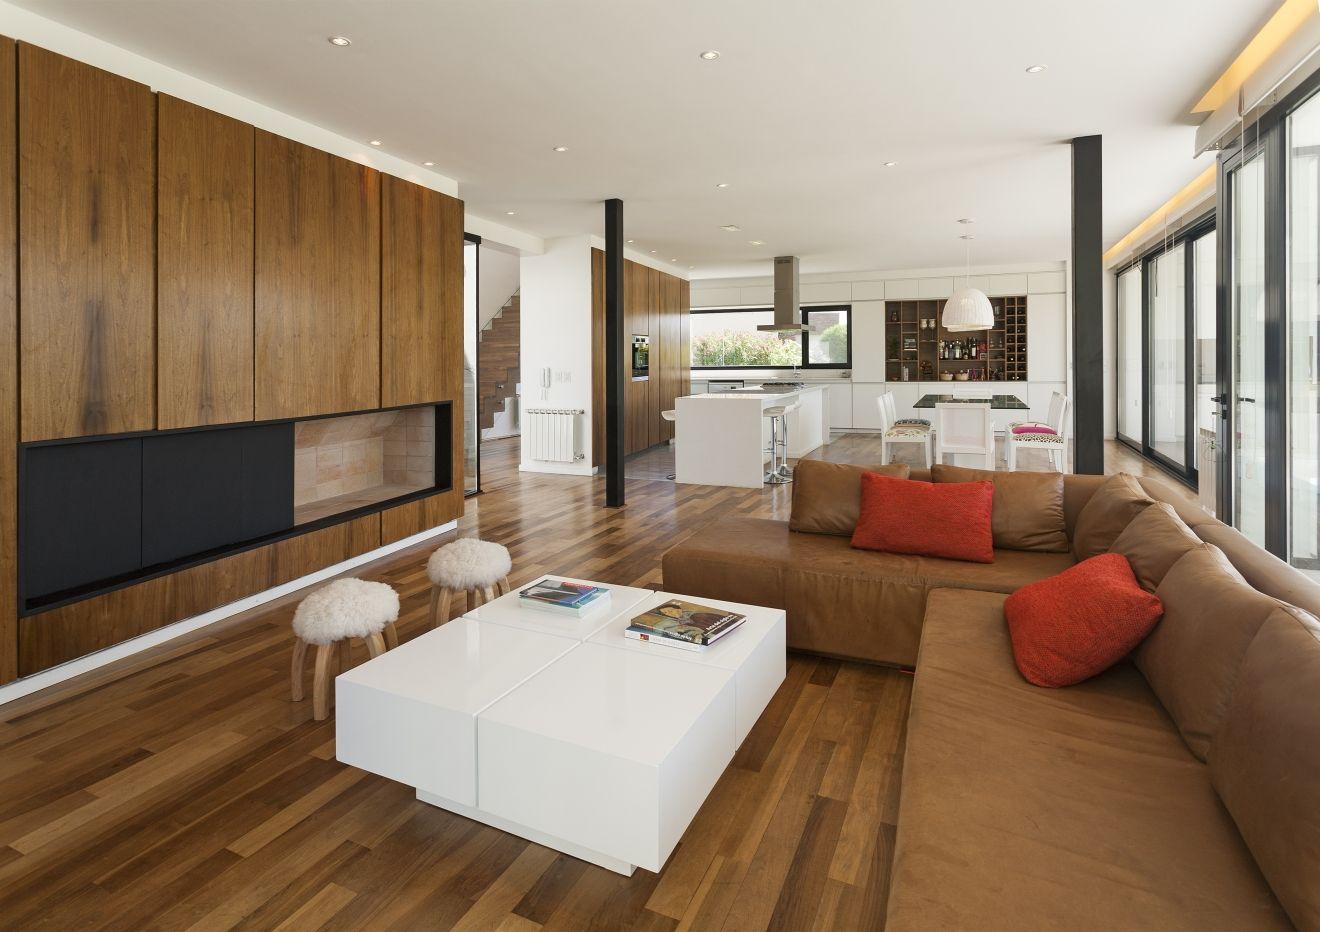 Planos de casa de dos pisos moderna arquitectura for Casas modernas imagenes y planos